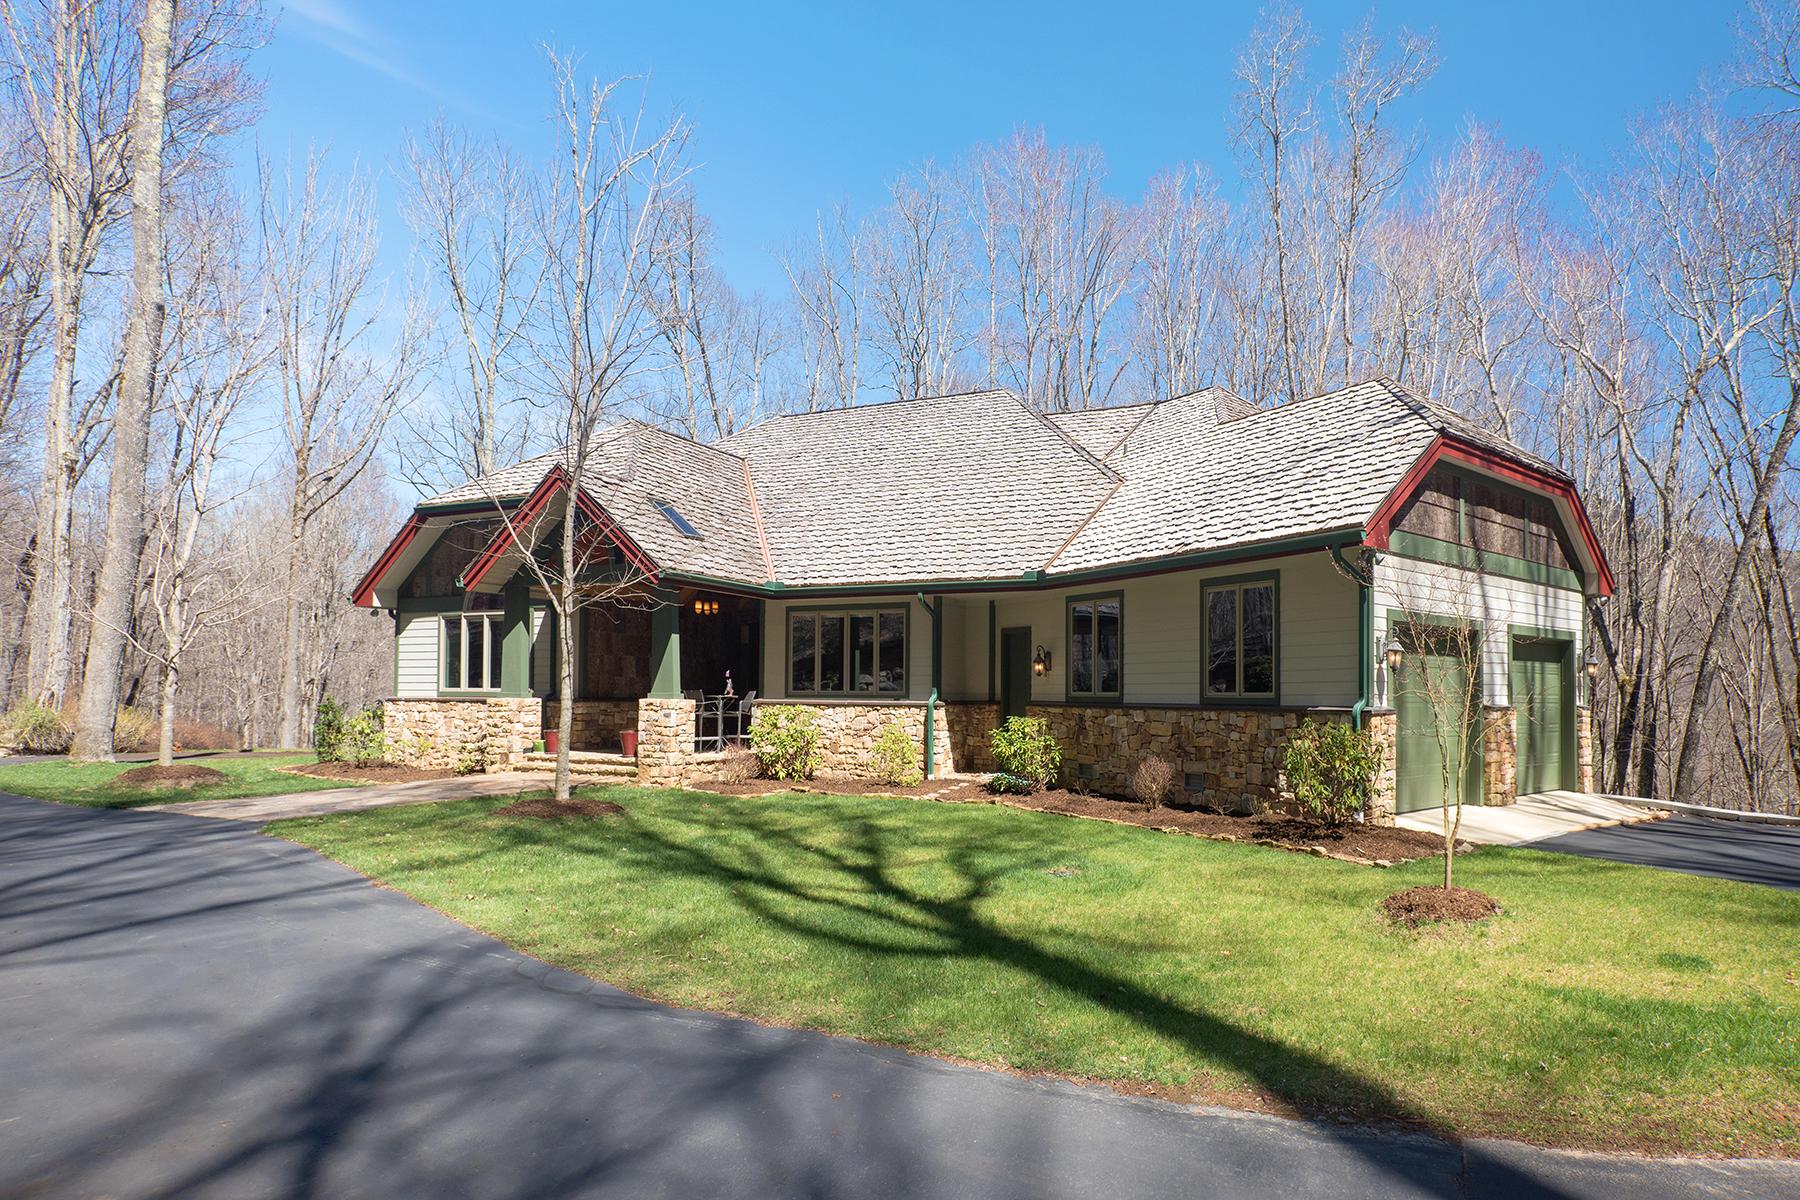 Maison unifamiliale pour l Vente à LINVILLE - LINVILLE RIDGE 115 Ridge Dr 1 Linville, Carolina Du Nord, 28646 États-Unis